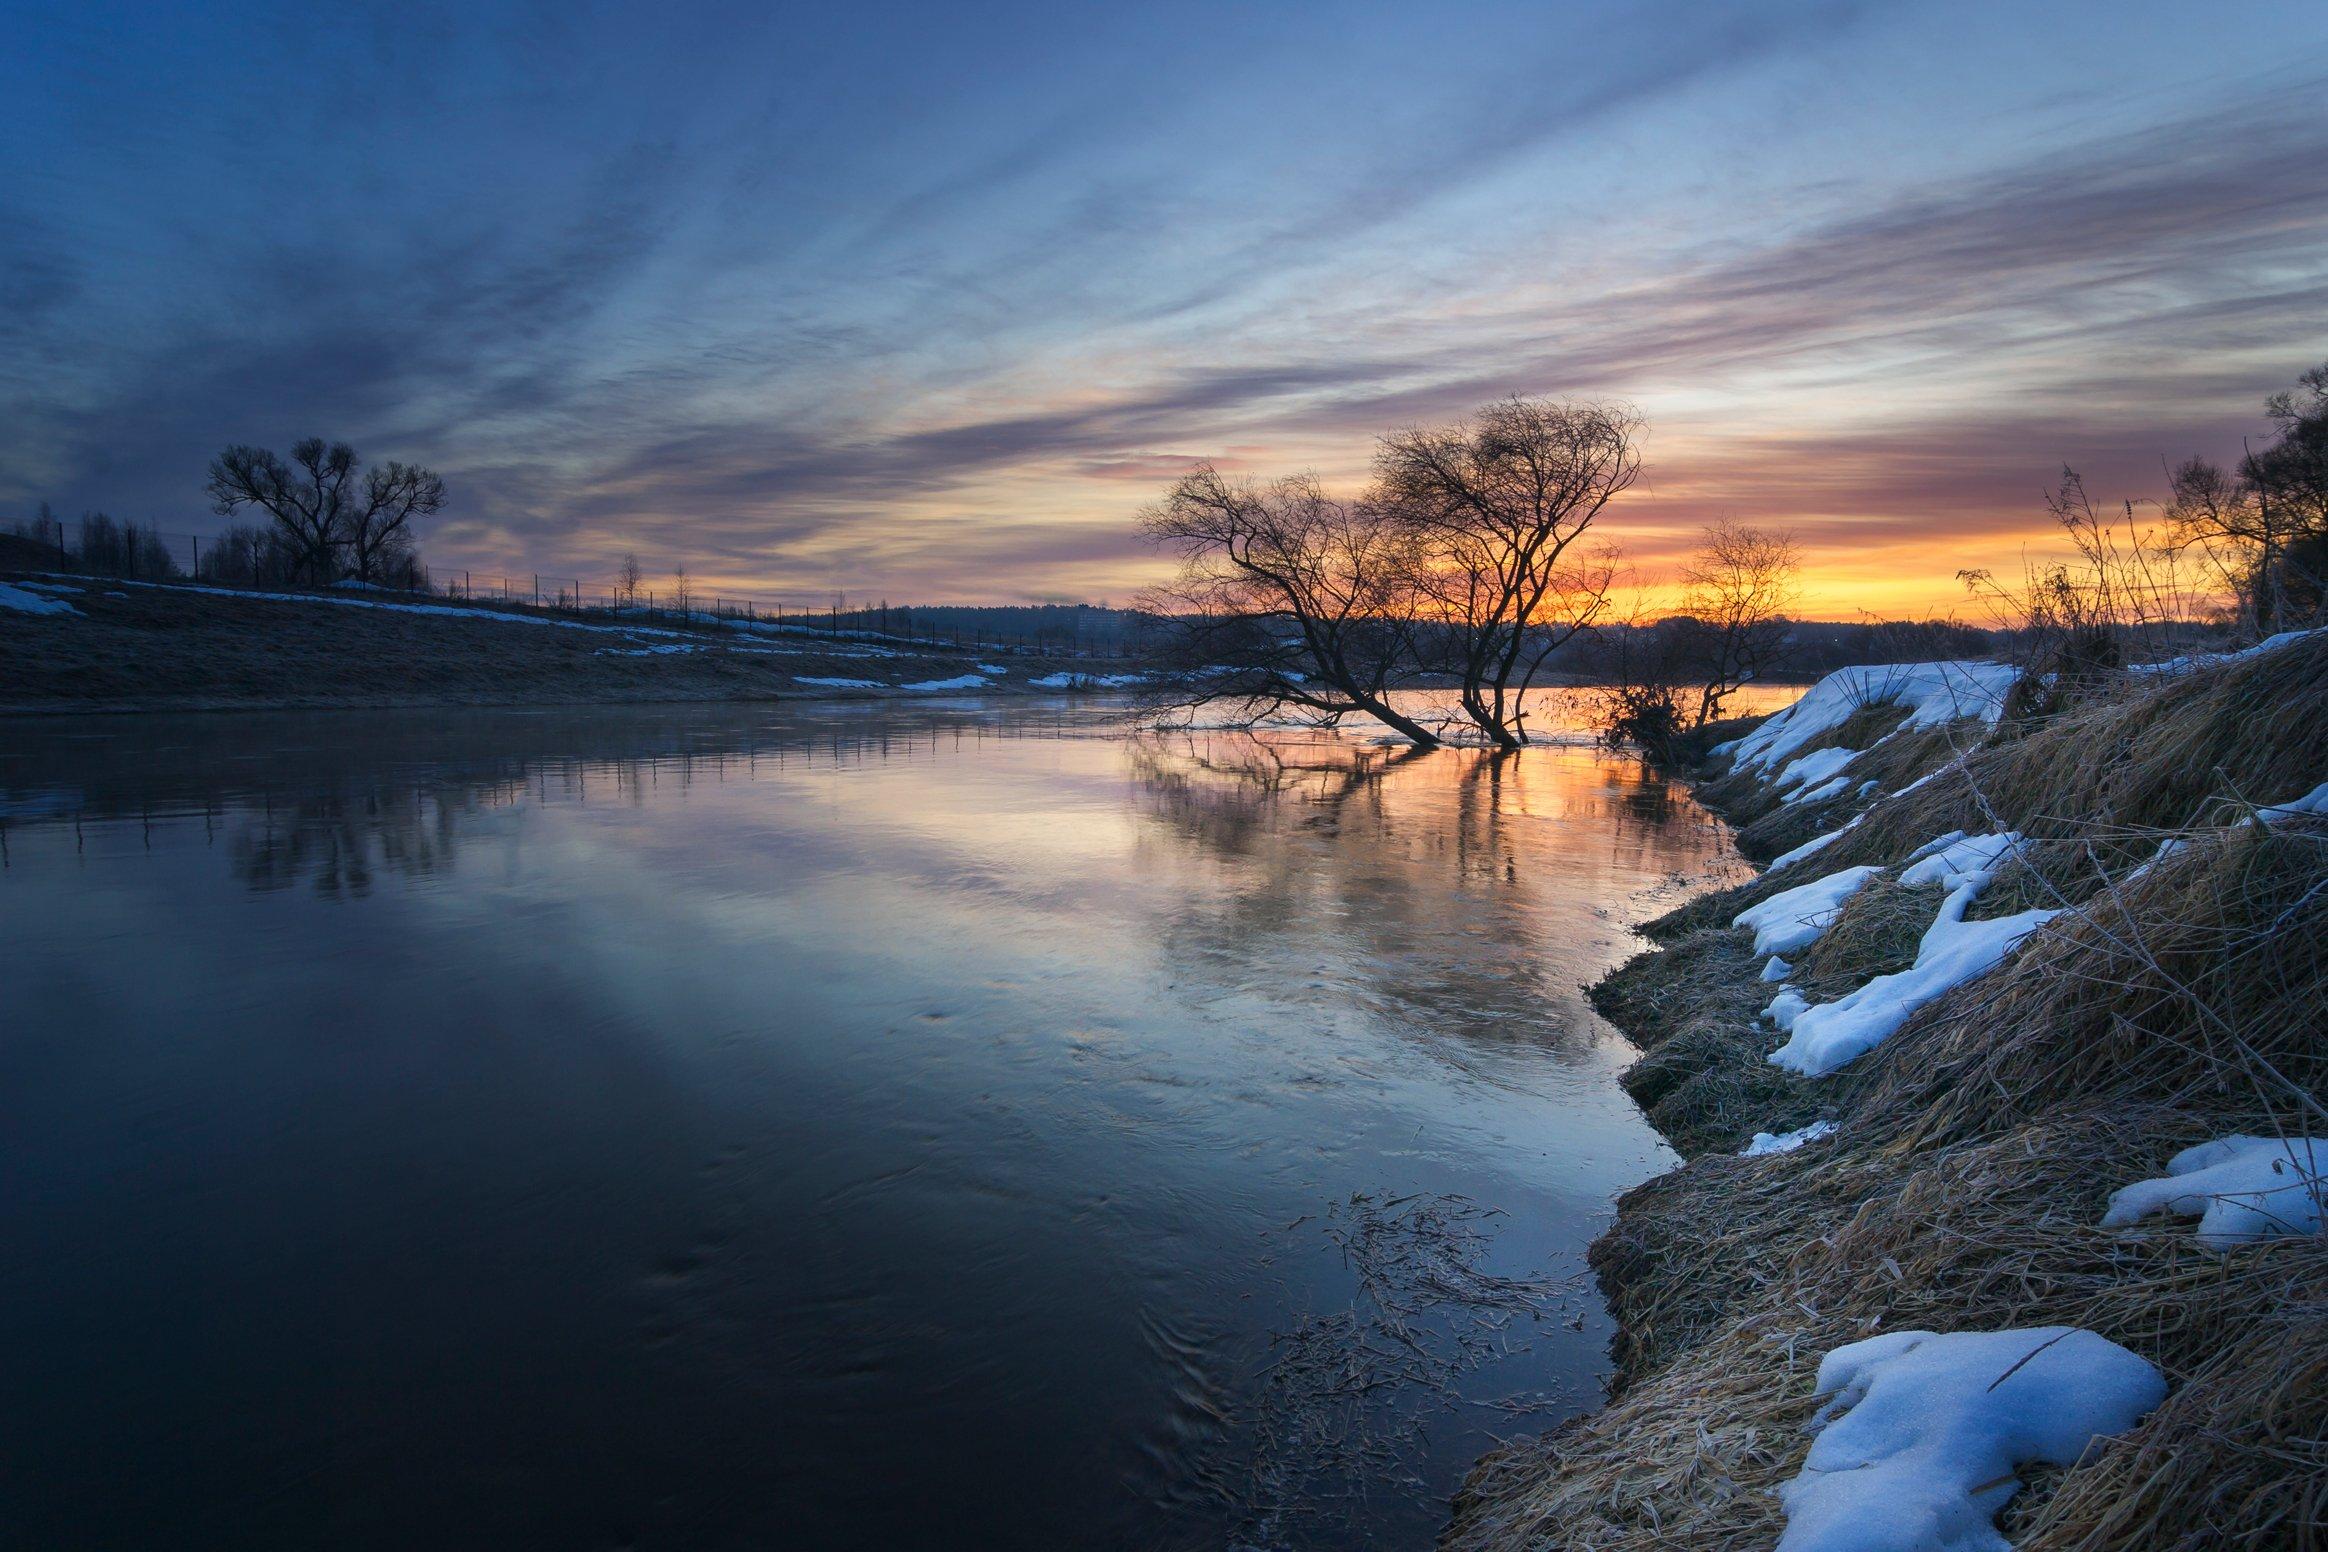 туман, московская область, утро, природа, пейзаж, весна, рассвет, солнце, Кыров Александр